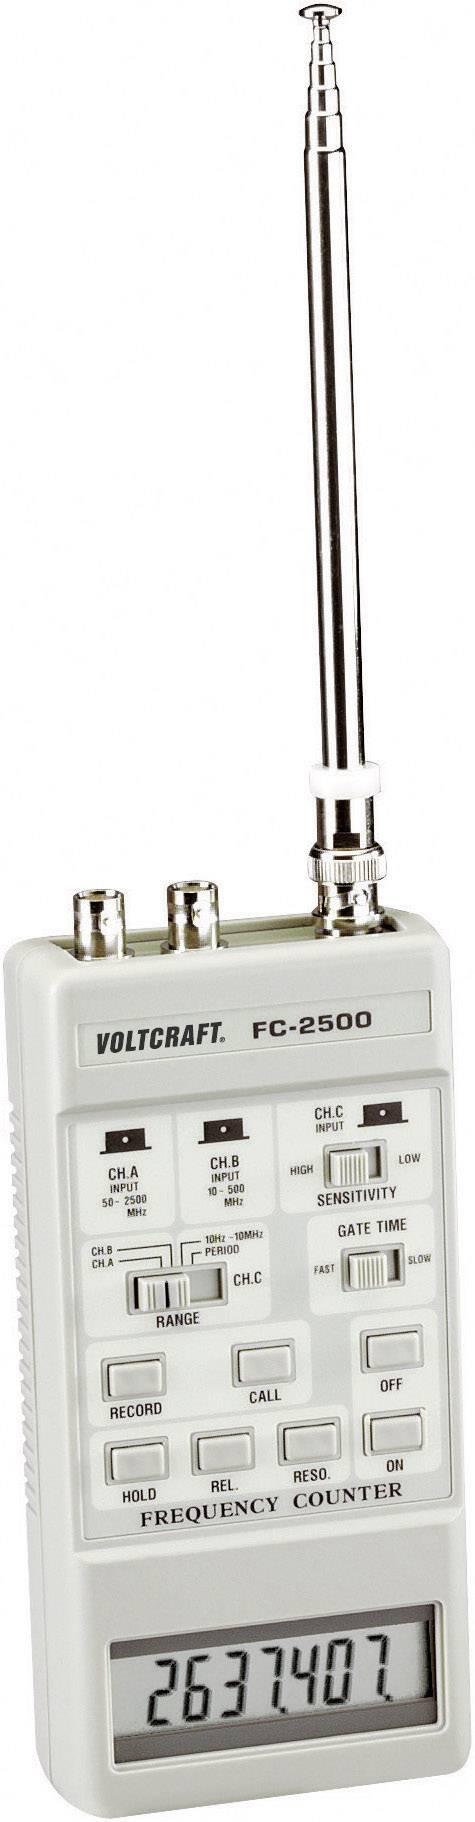 Čítač frekvence Voltcraft FC-2500, 10 Hz - 2,5 GHz